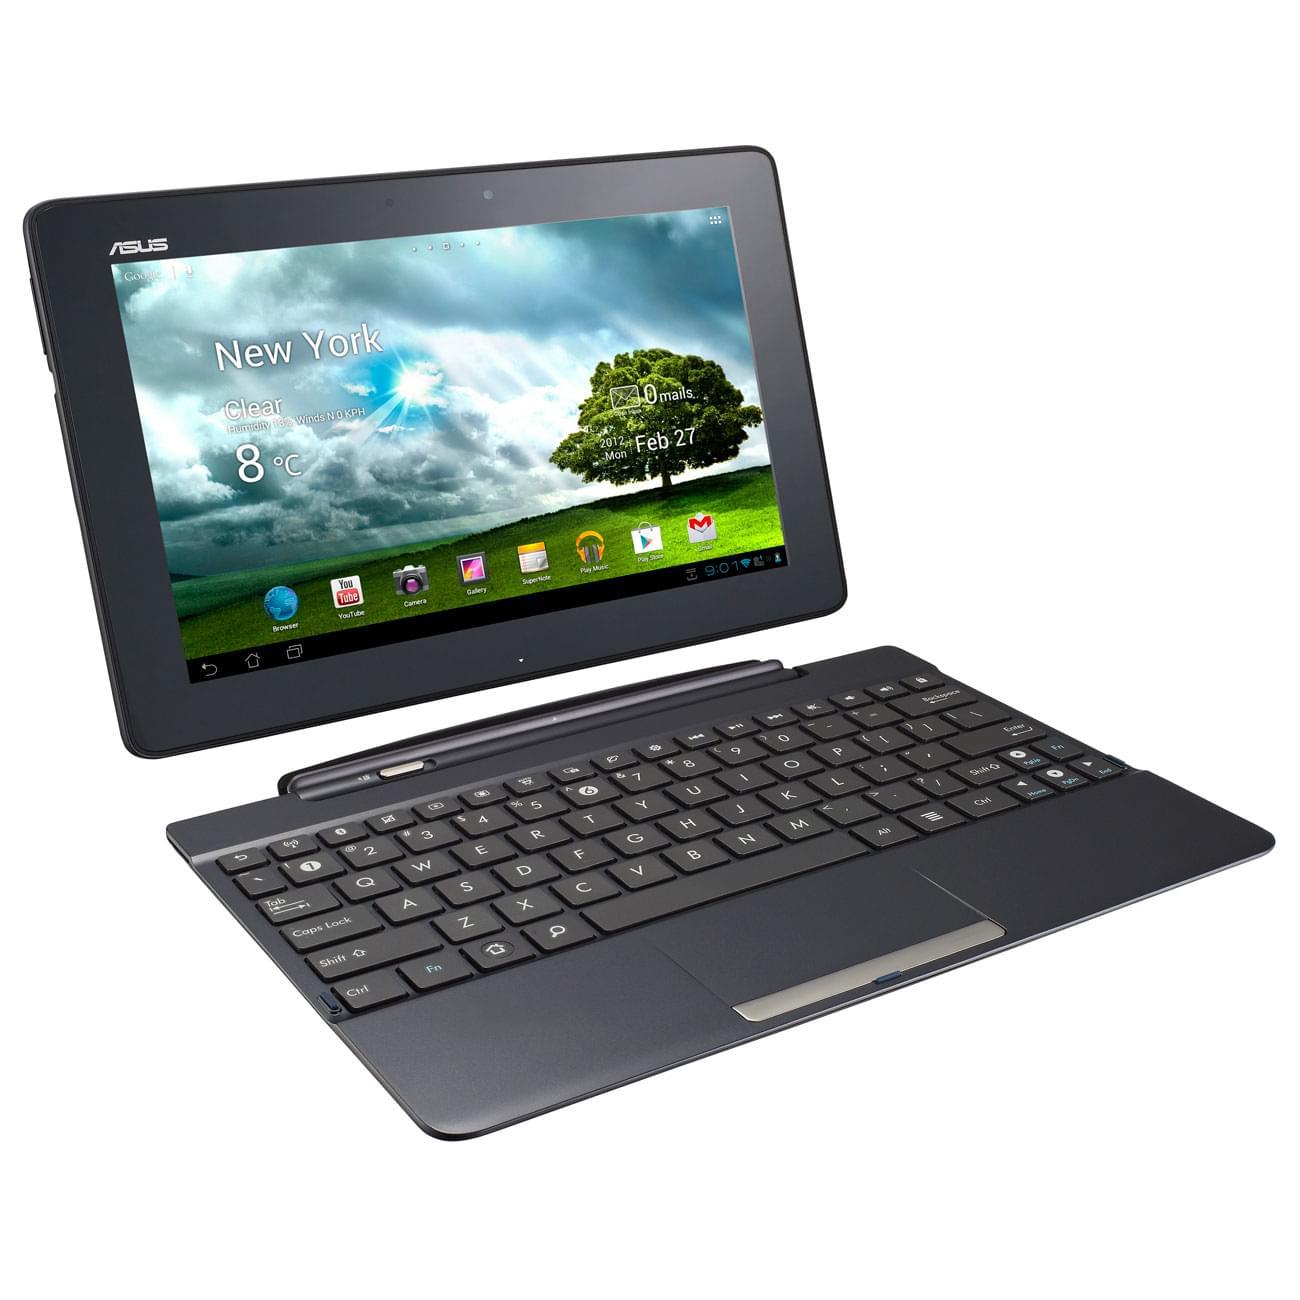 Asus TF300T-1E011A (dock) (TF300T-1E011A) - Achat / Vente Tablette Tactile sur Cybertek.fr - 0